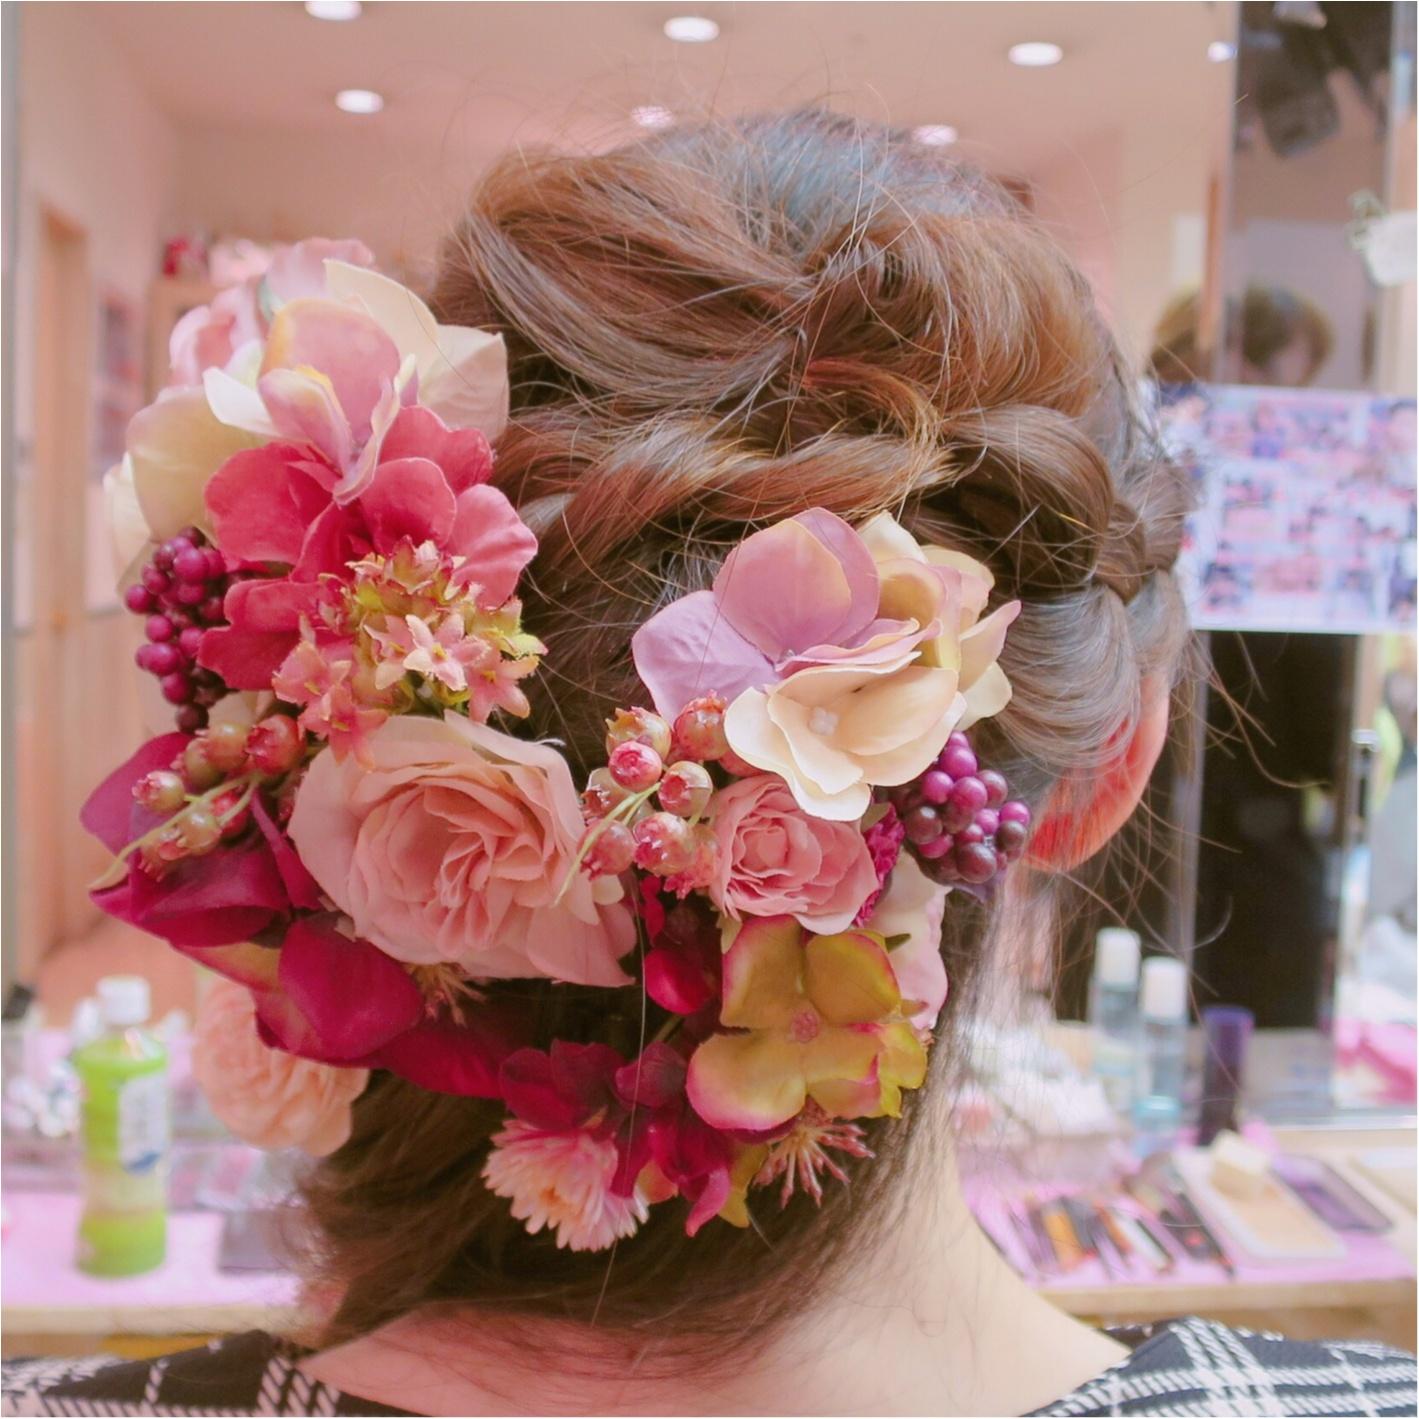 【Wedding】私のヘアスタイル♡ かわいいお花でラプンツェルみたいに♪  結婚式で後悔しないようにしておくべきこと *_2